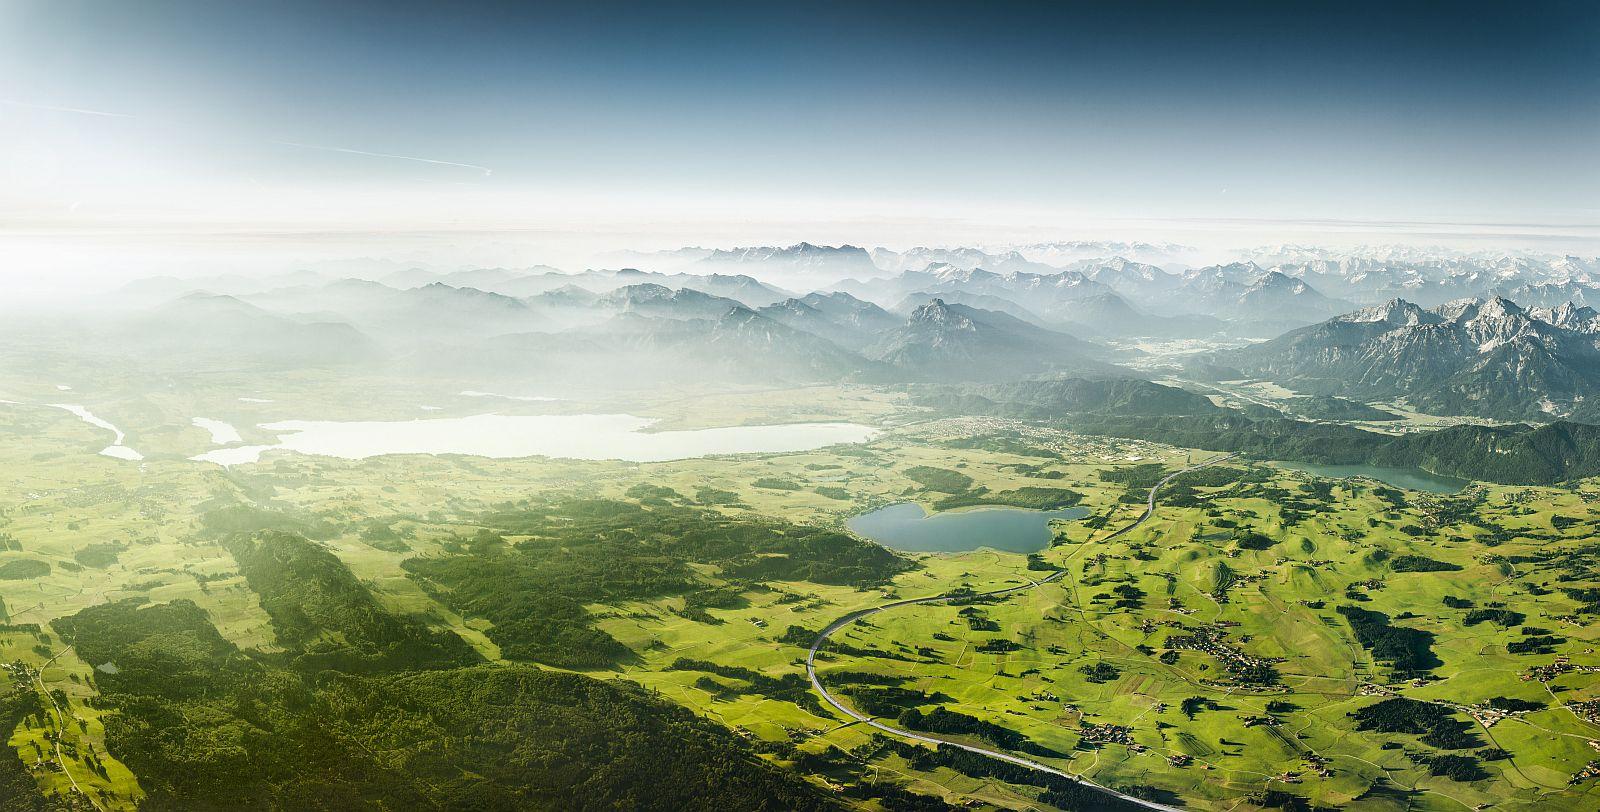 «Краса Баварії». Друге місце в номінації «Зйомка природи з повітря». Фото: Johannes Heuckeroth